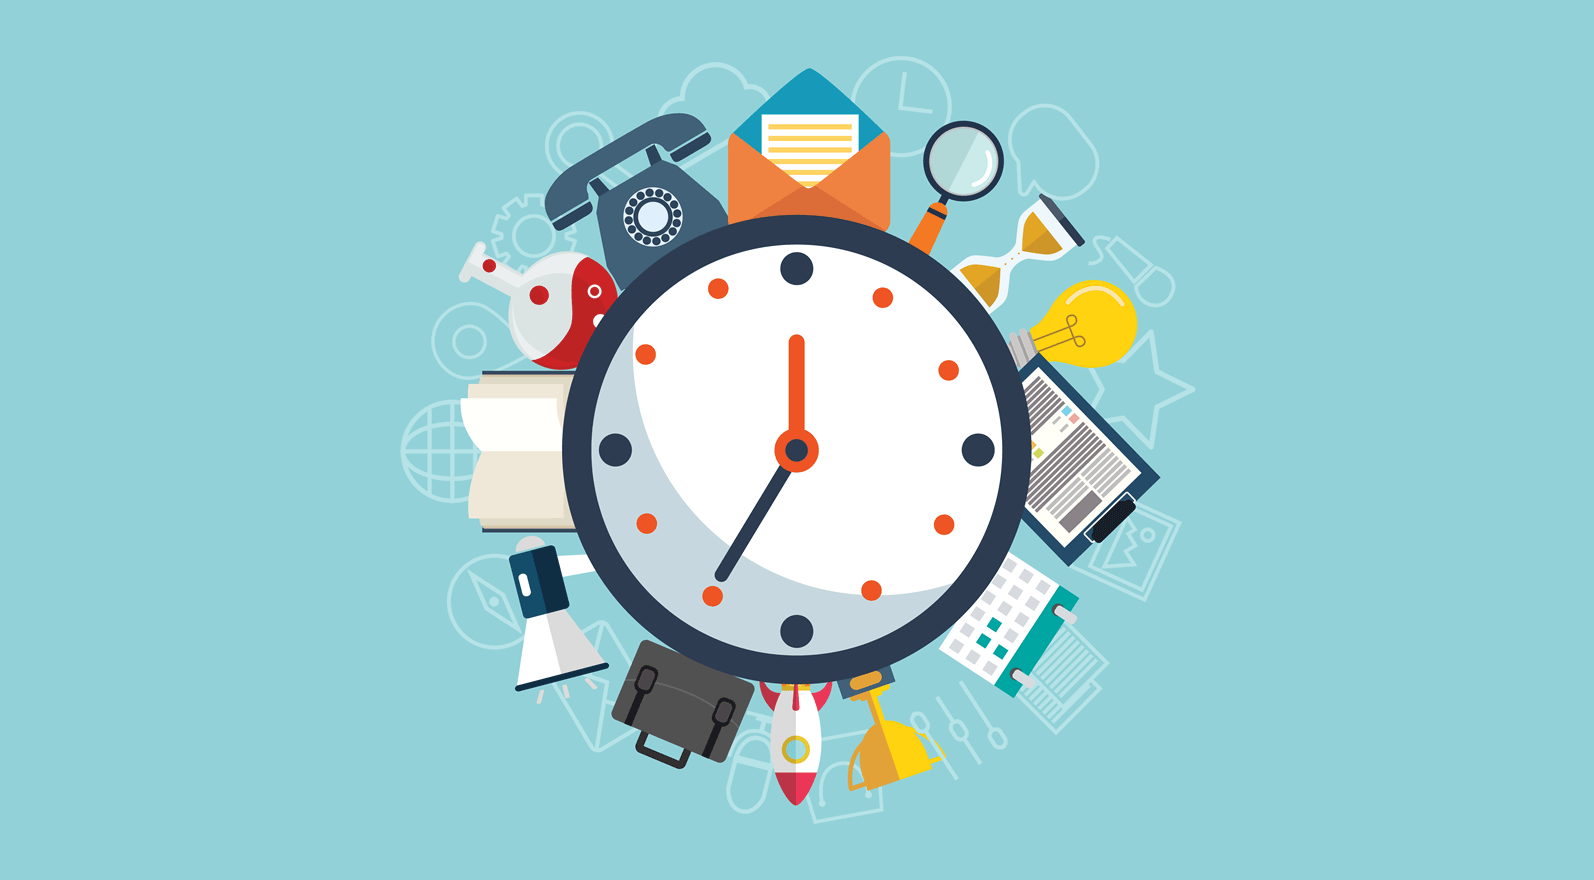 نه کاری که میتوانید در ظرف ده دقیقه و یا کمتر از آن برای بهبود و پیشرفت حرفهای خود انجام دهید.